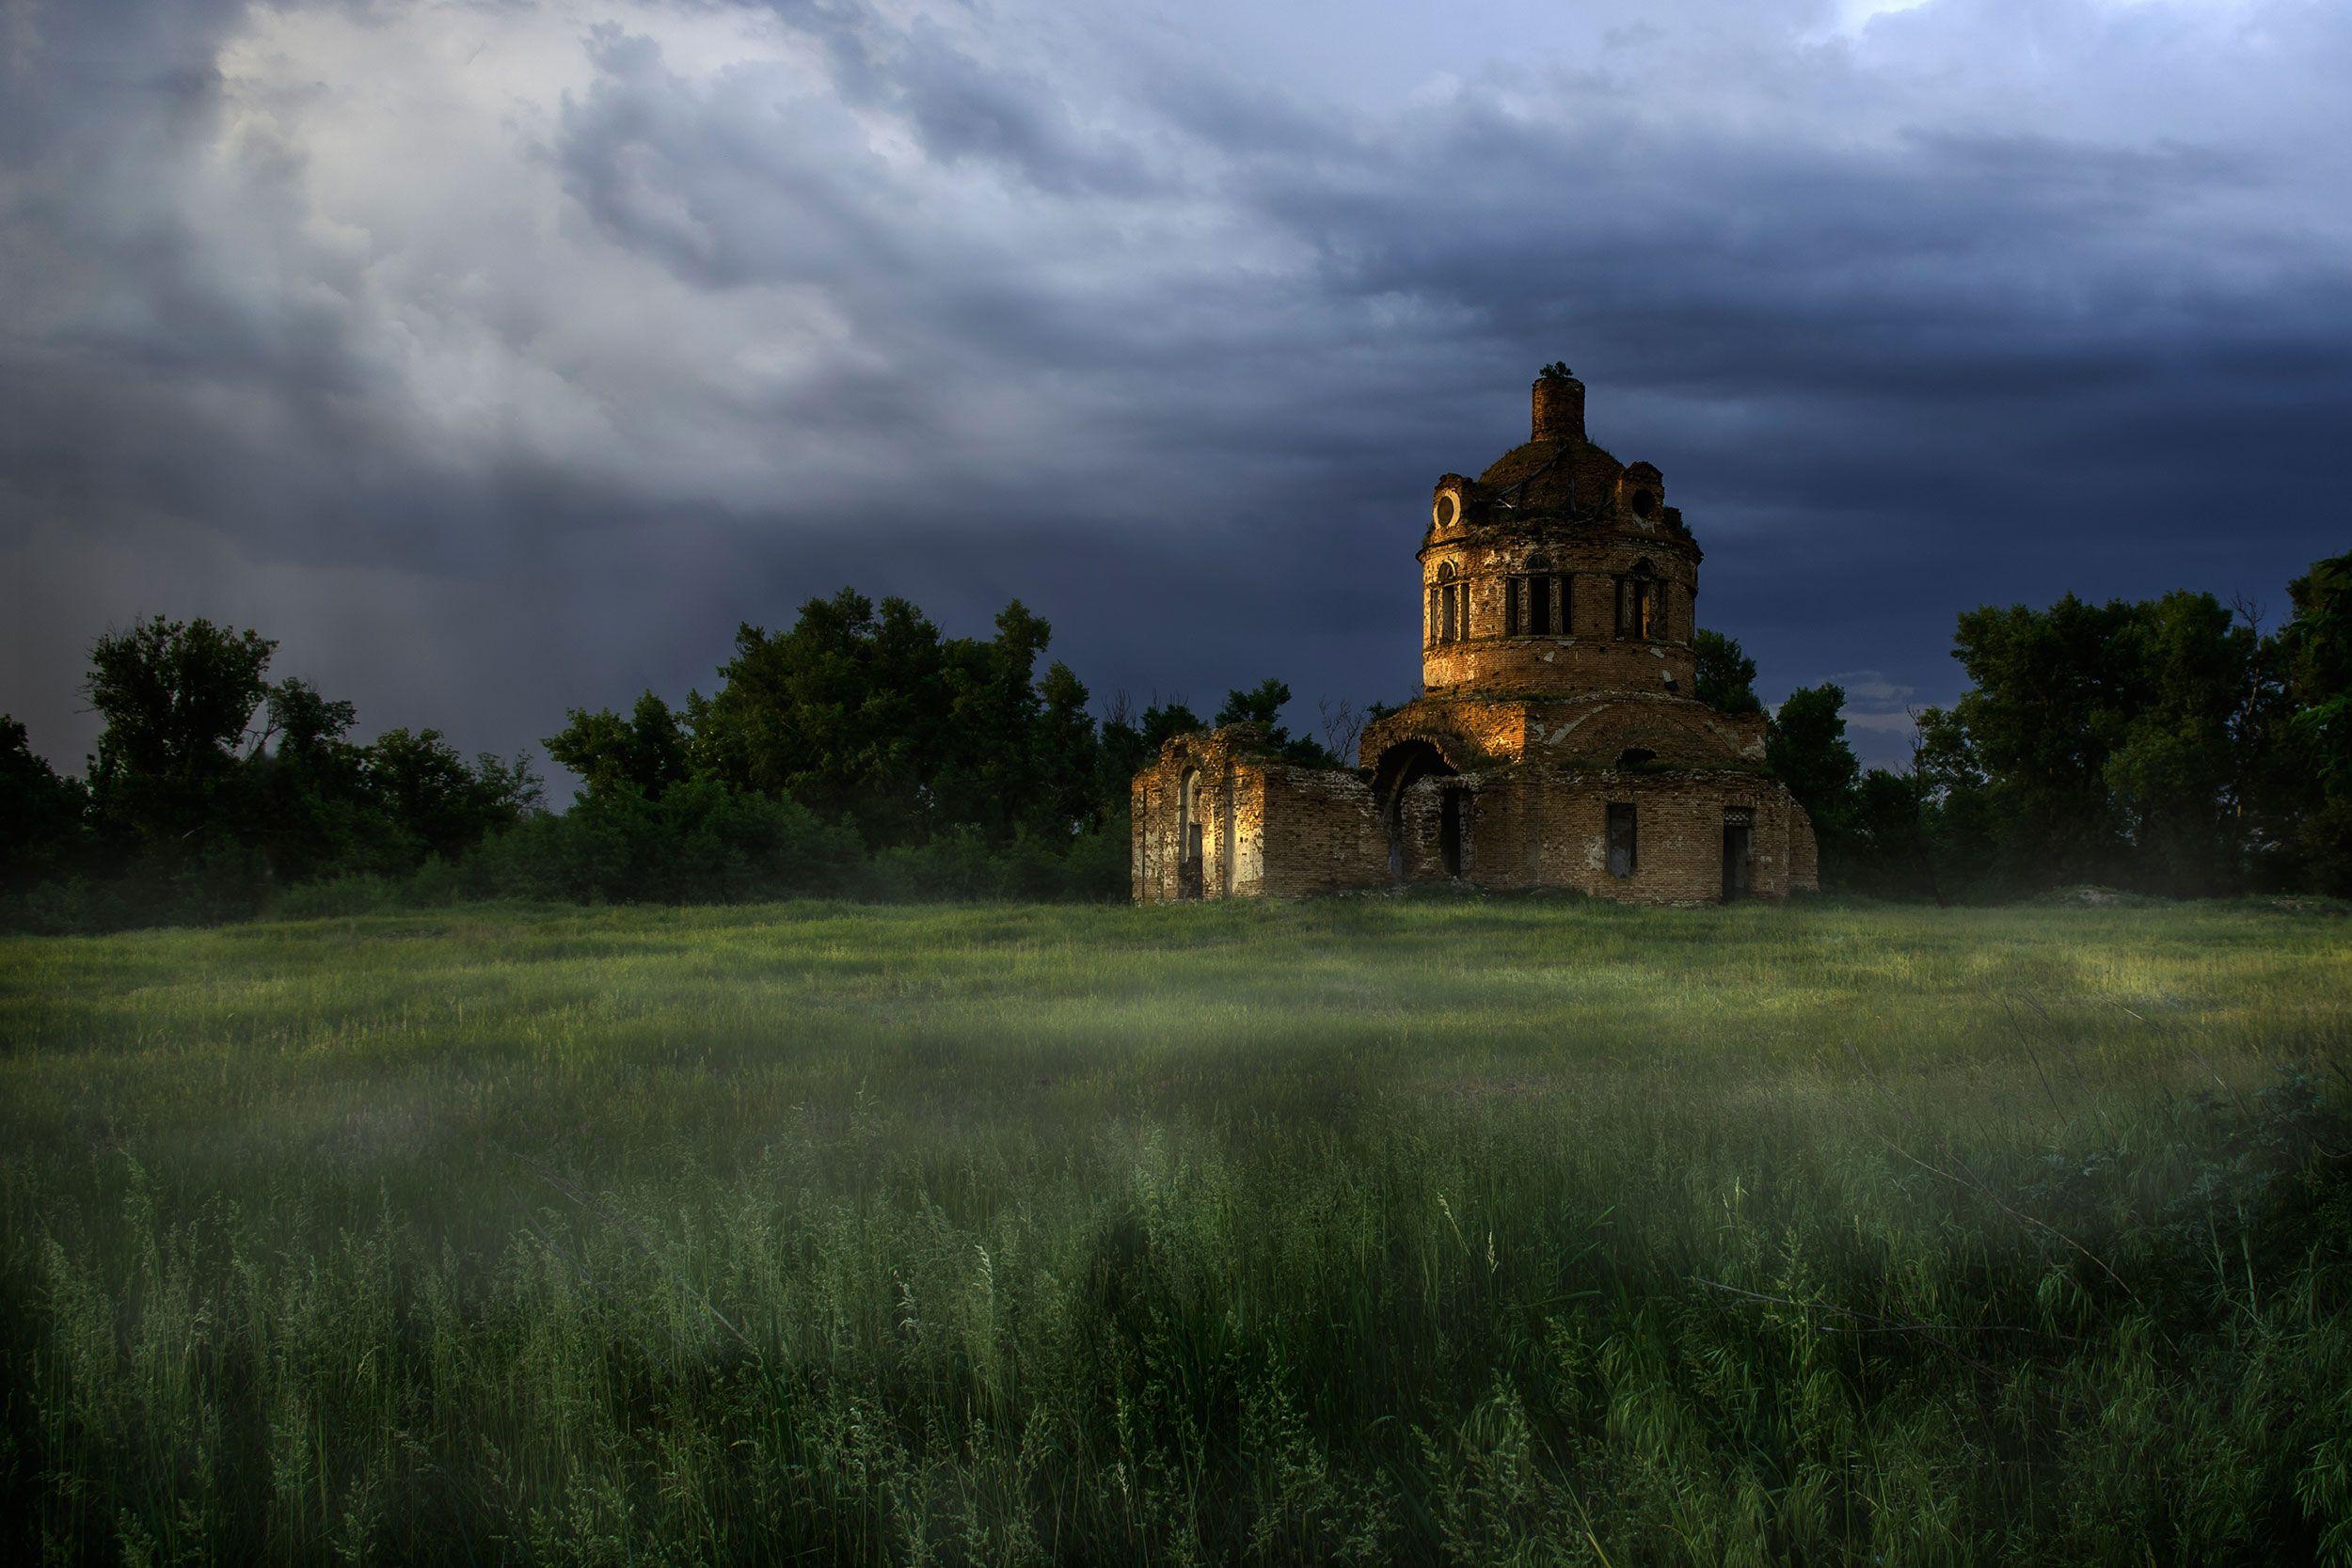 фишки нет фото одинокой заброшенной церкви скрыть следы